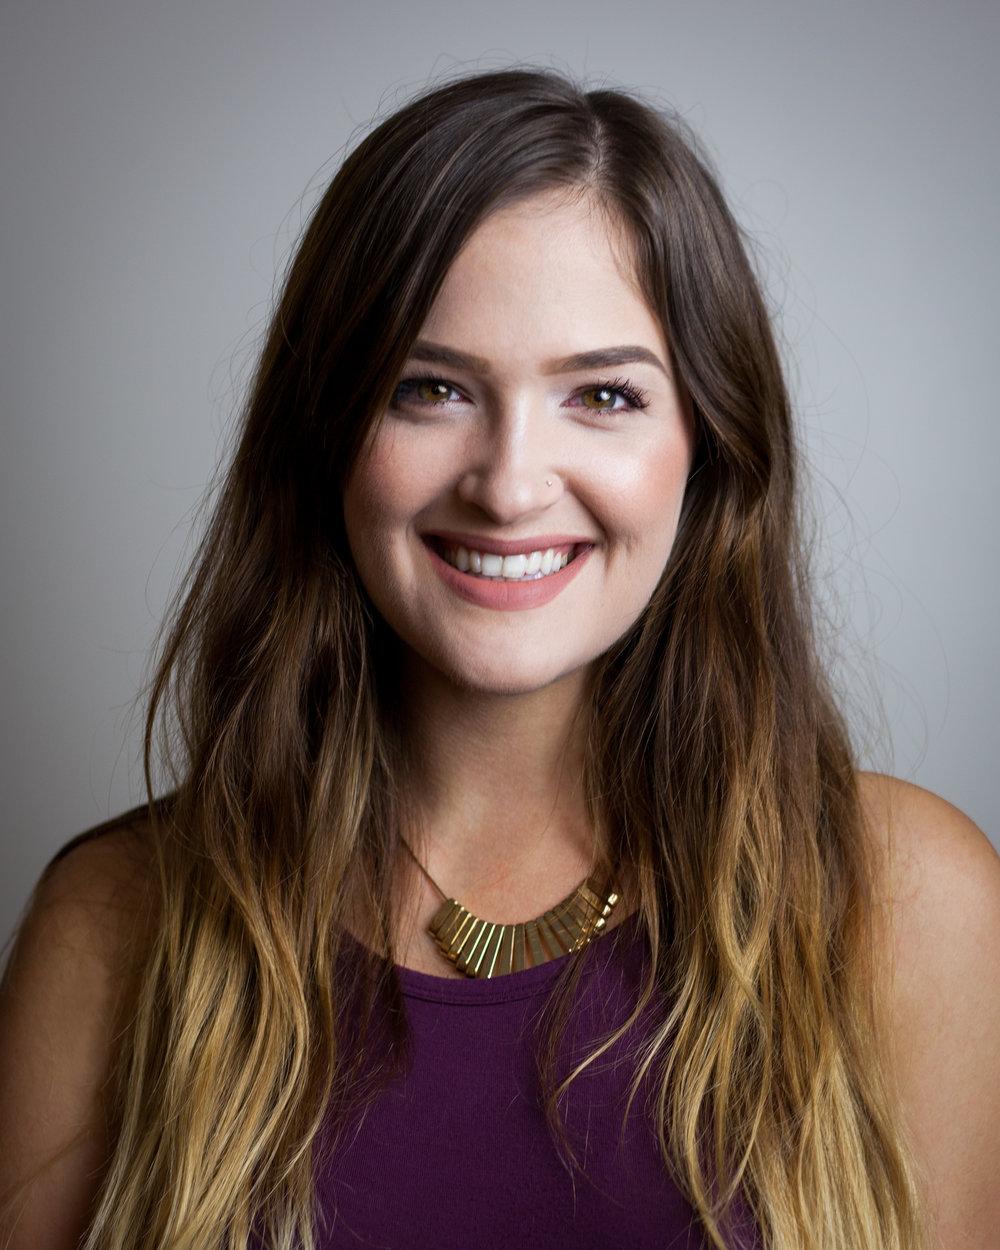 Caitlin Reininger